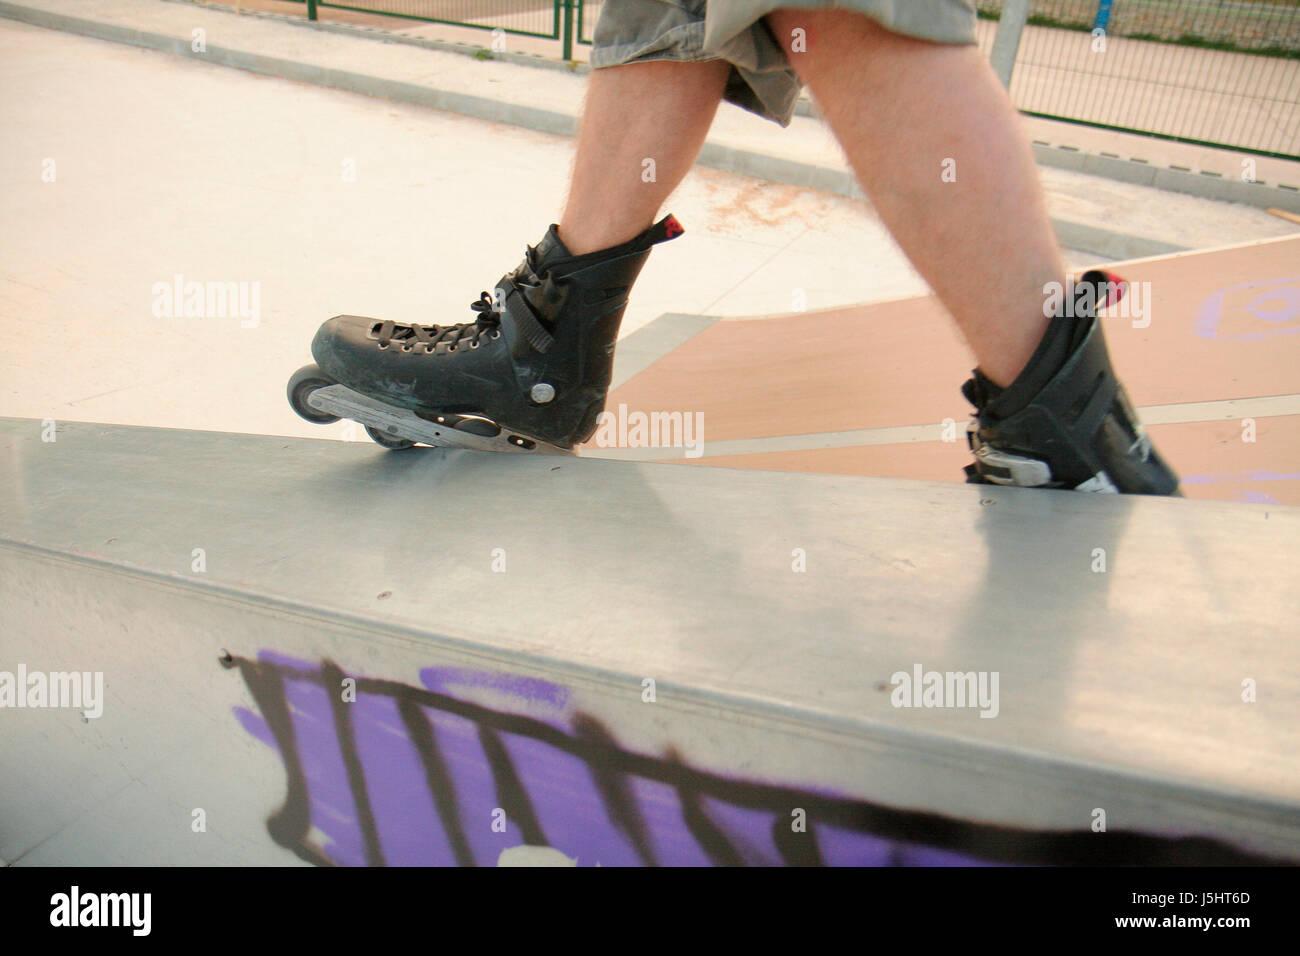 Roller skating visalia - Sport Sports Ramp Grind Roller Skate Half Skating Blade Pipe Tube Inline Jugend Stock Image